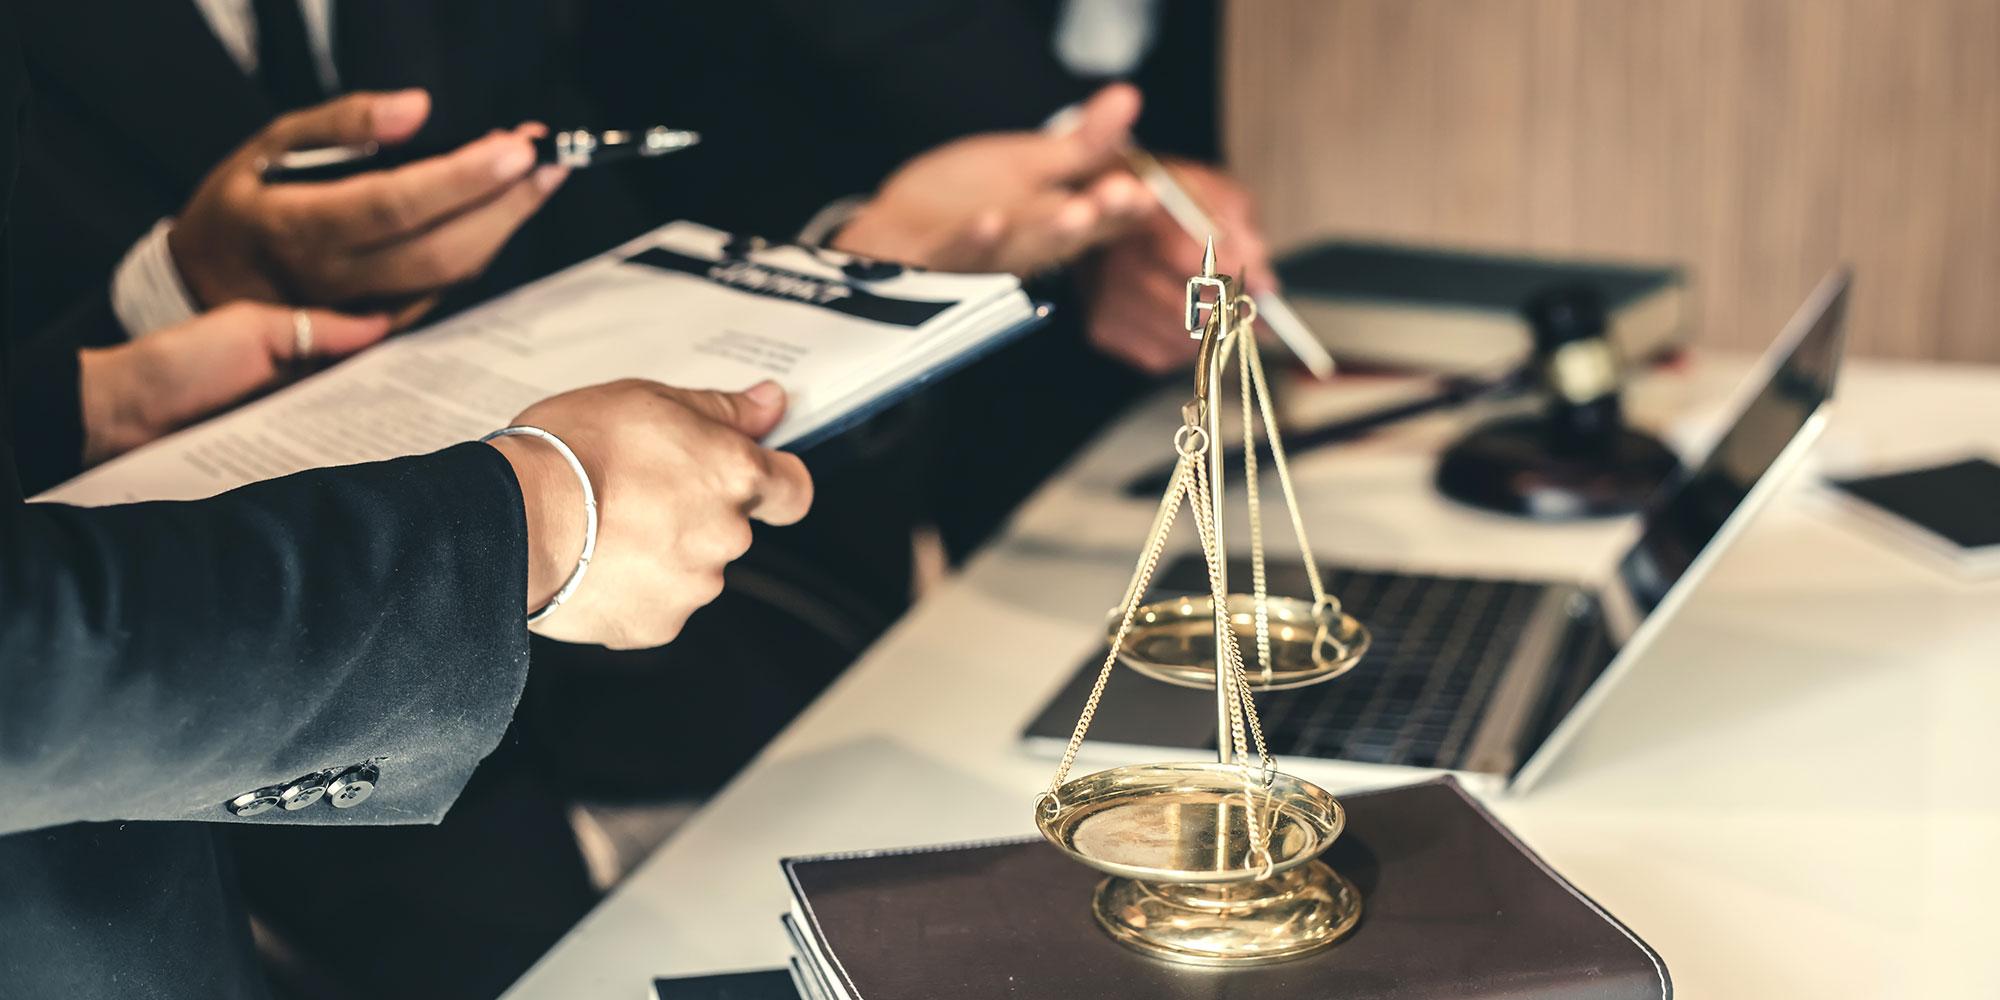 Cinco exemplos de gestão de excelência para escritórios jurídicos.